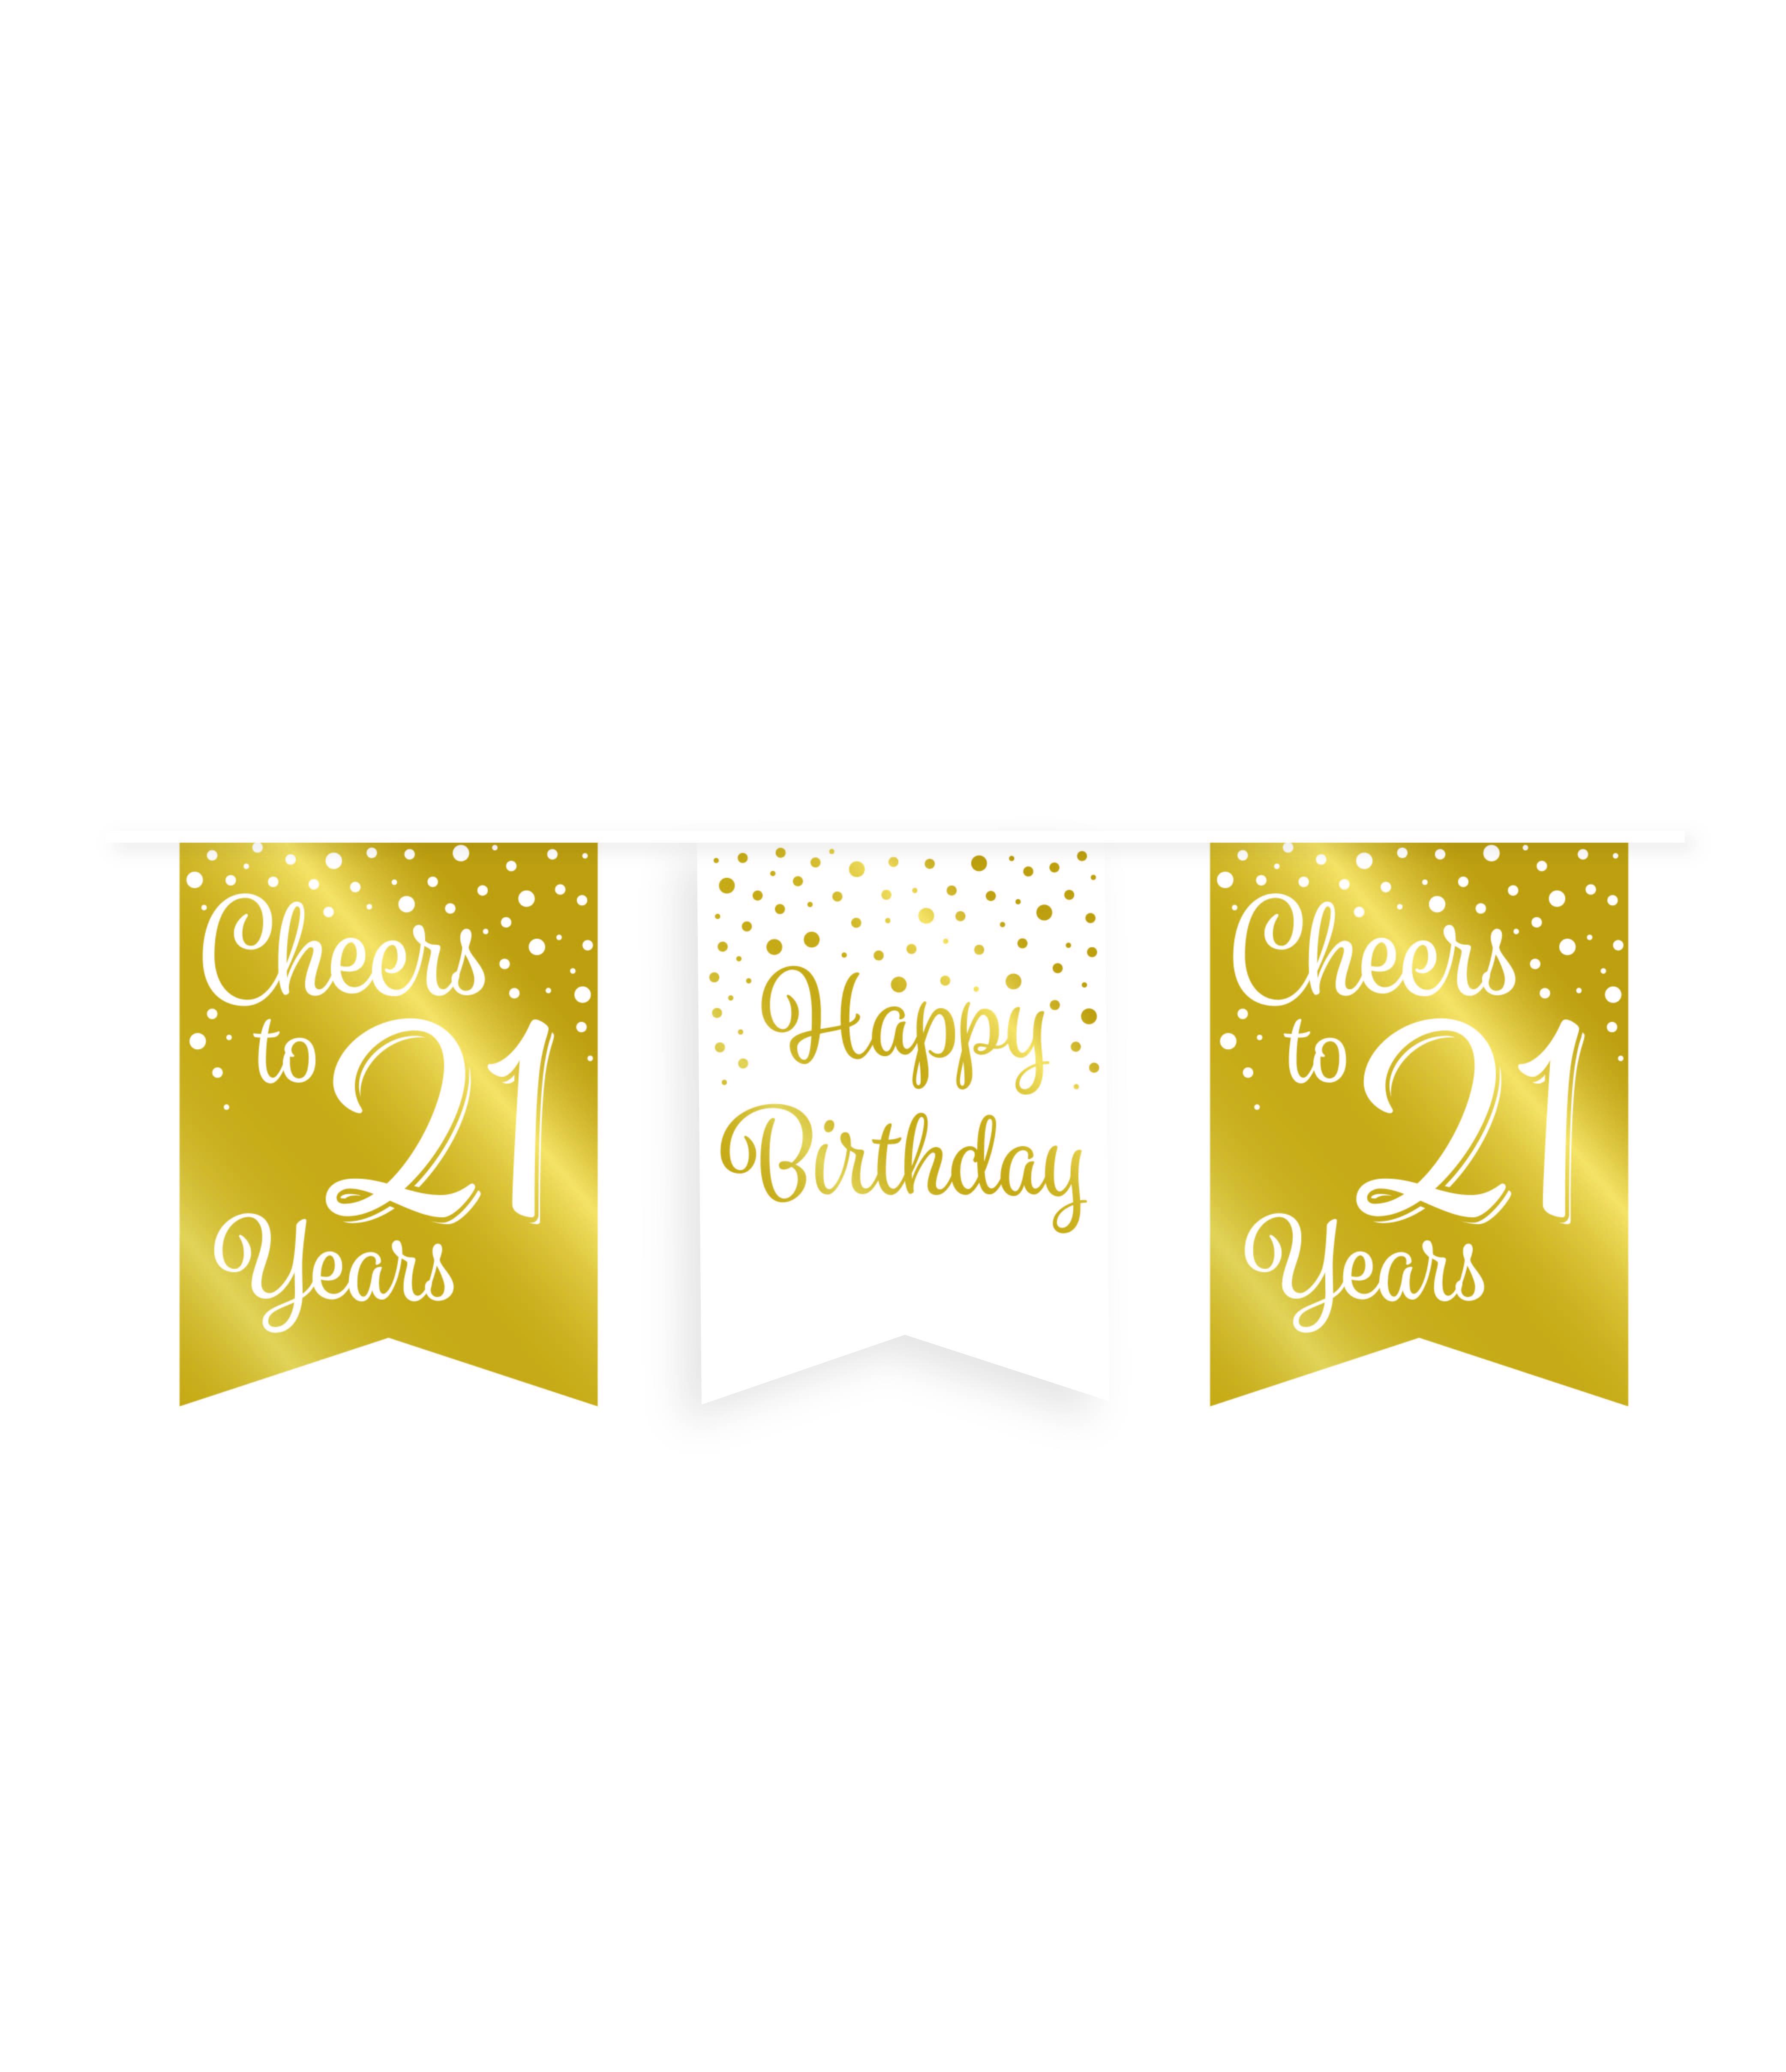 6m Vlaggenlijn Goud/Wit Cheers to 21 Years